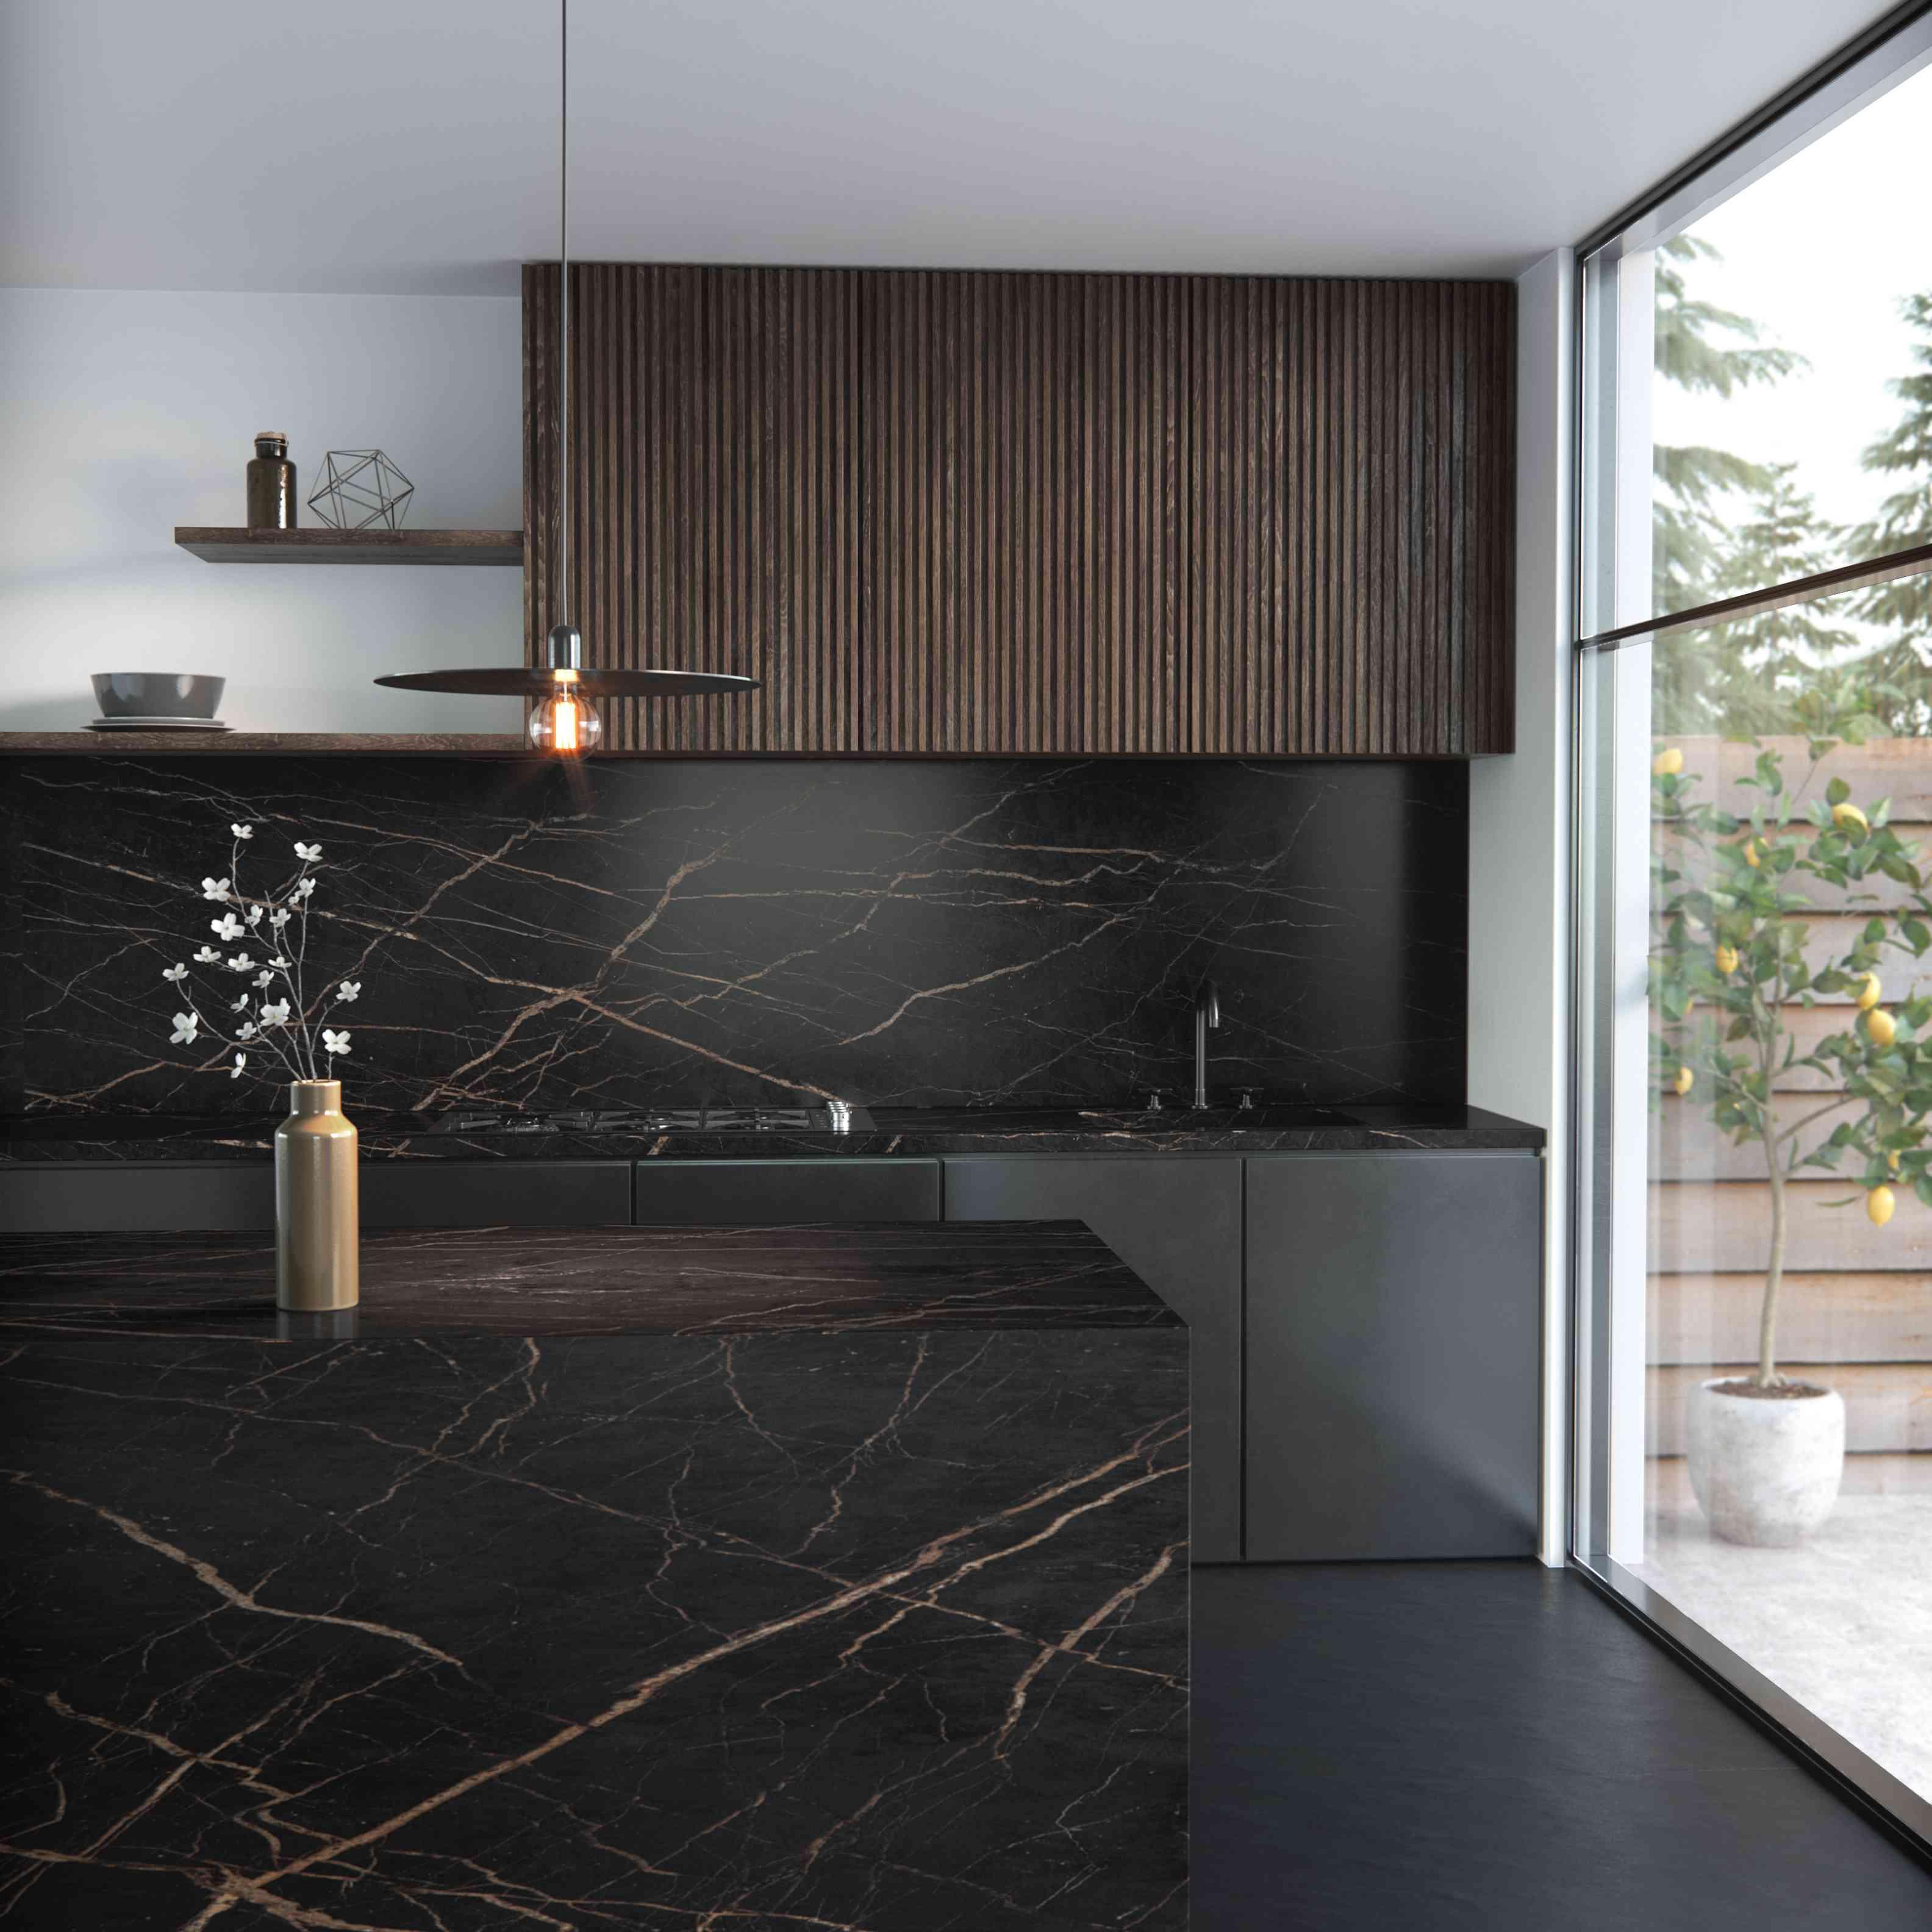 Dark moody kitchen.